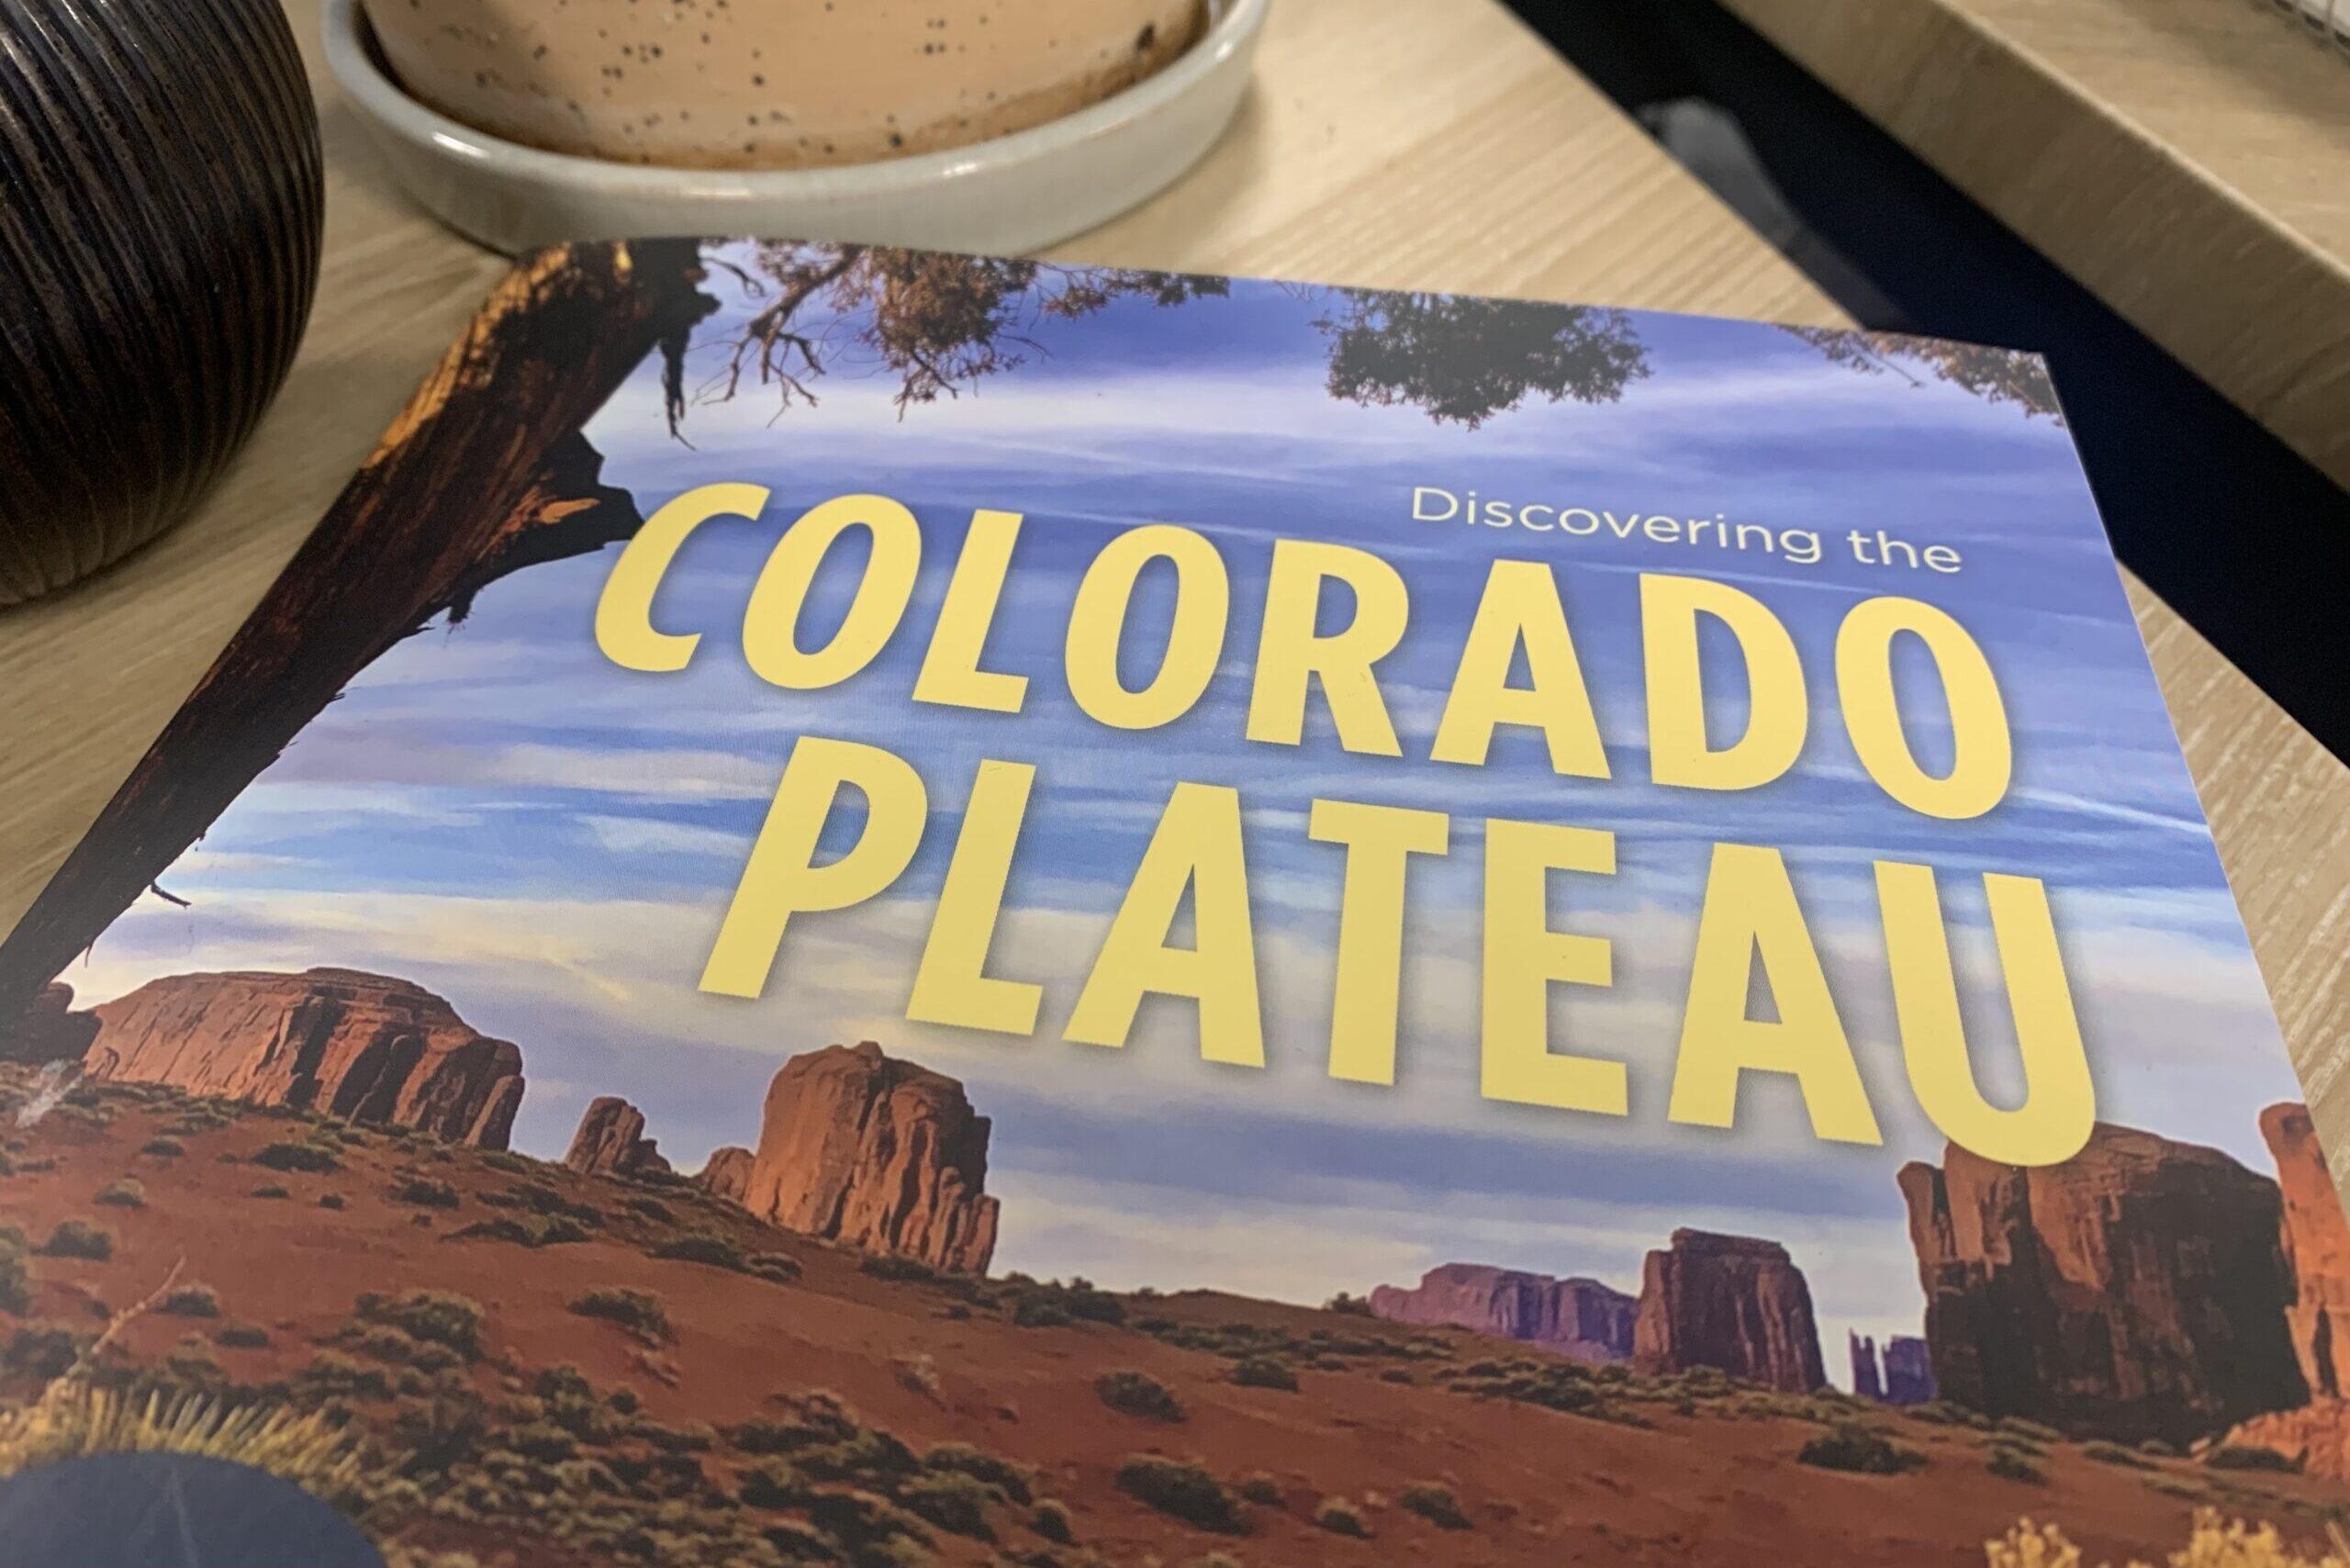 Colorado Plateau Book Bill Haggerty